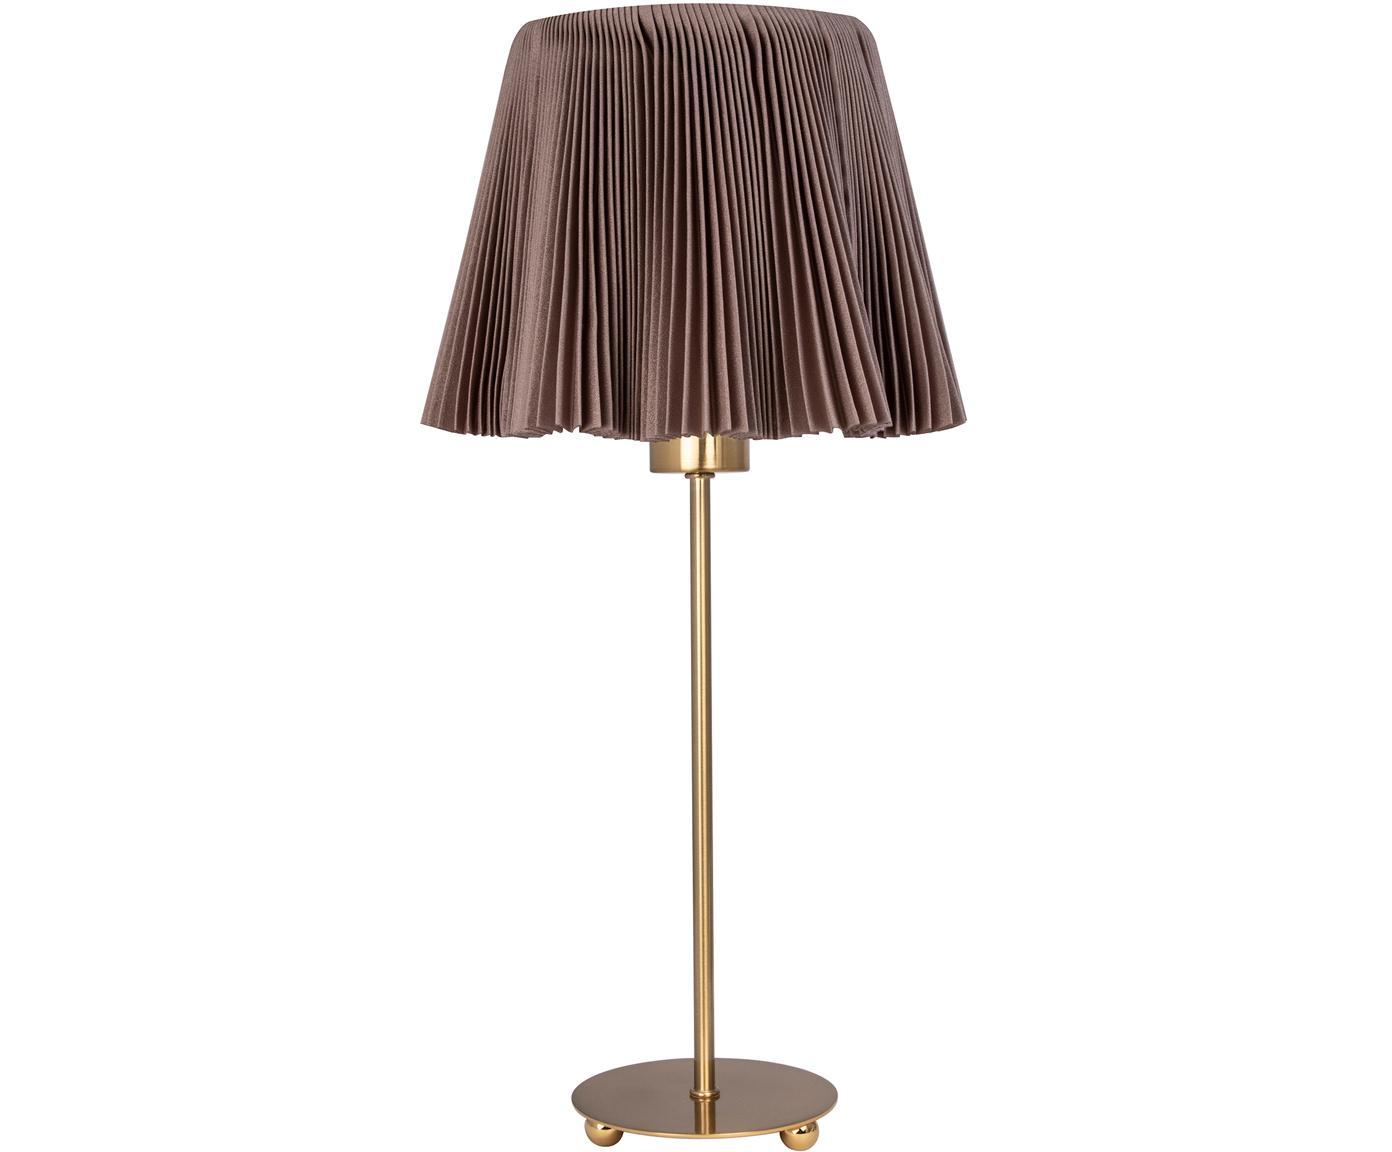 Lampada da tavolo in tessuto plissettato Edith, Cotone, metallo, Marrone, ottonato, Ø 20 x Alt. 50 cm